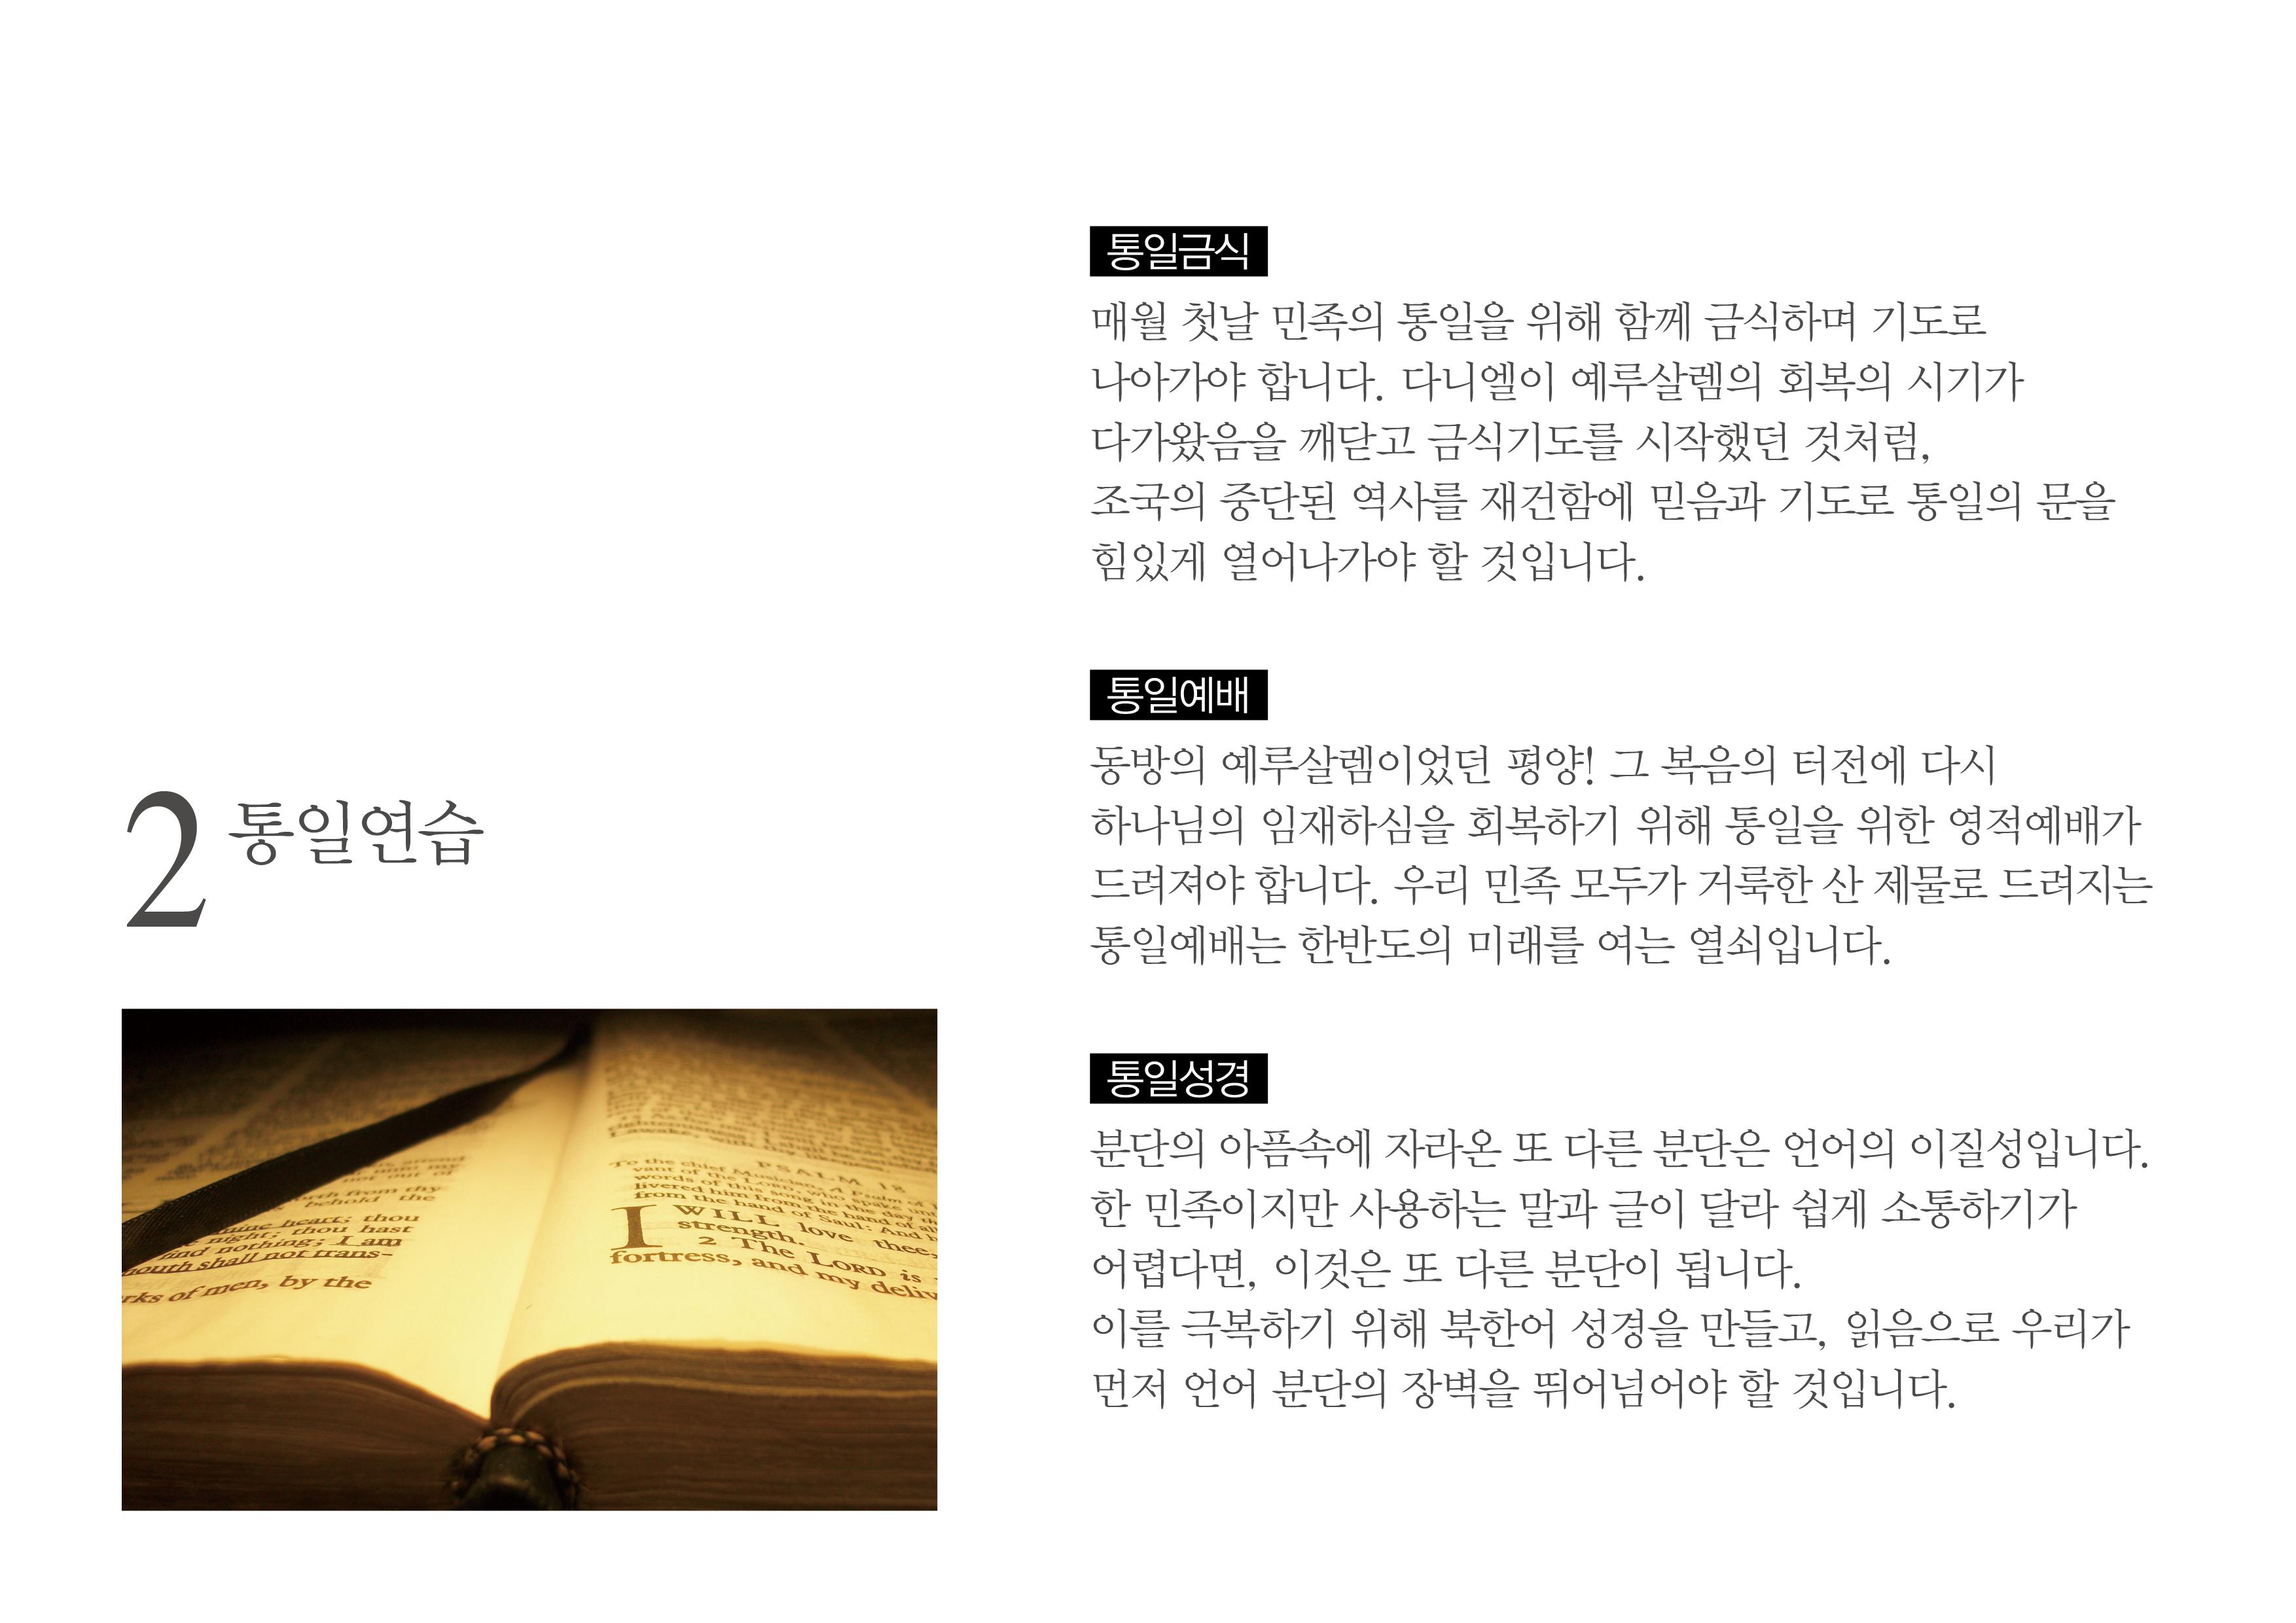 민족통일에스라운동협의회_최종13.jpg